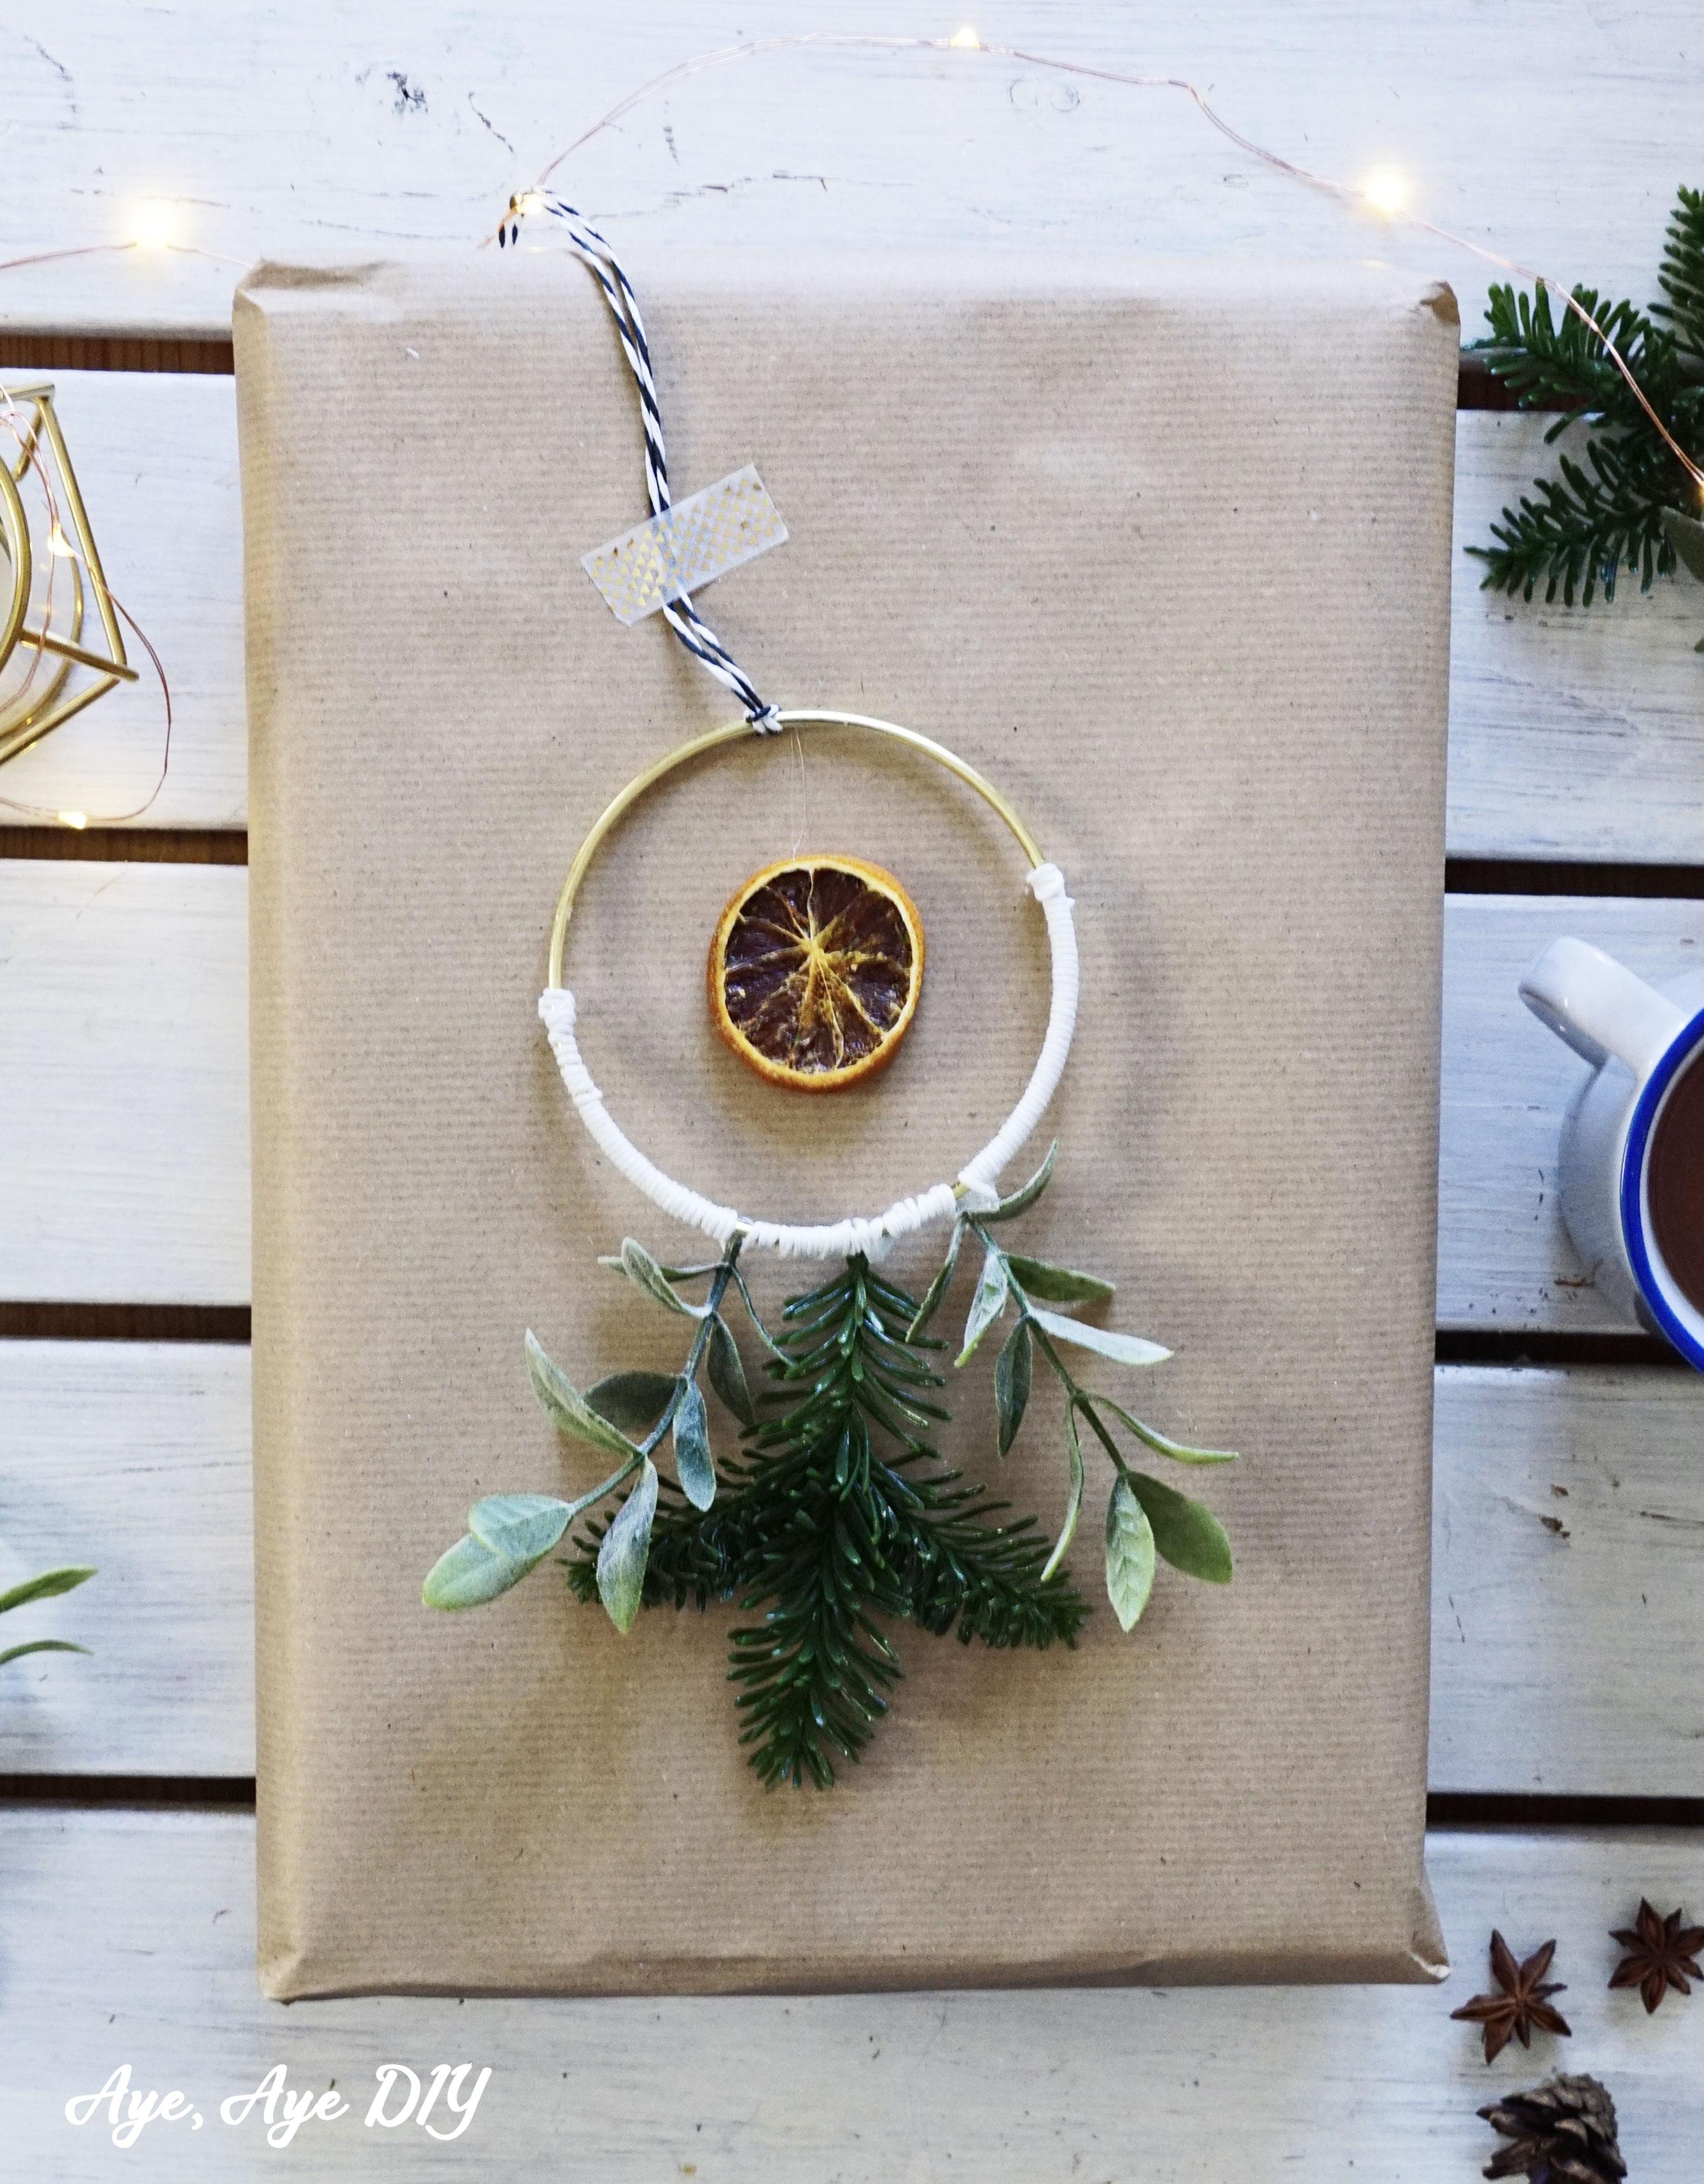 Skandinavische Winterdeko basteln: Geschenke verpacken mit DIY Baumschmuck